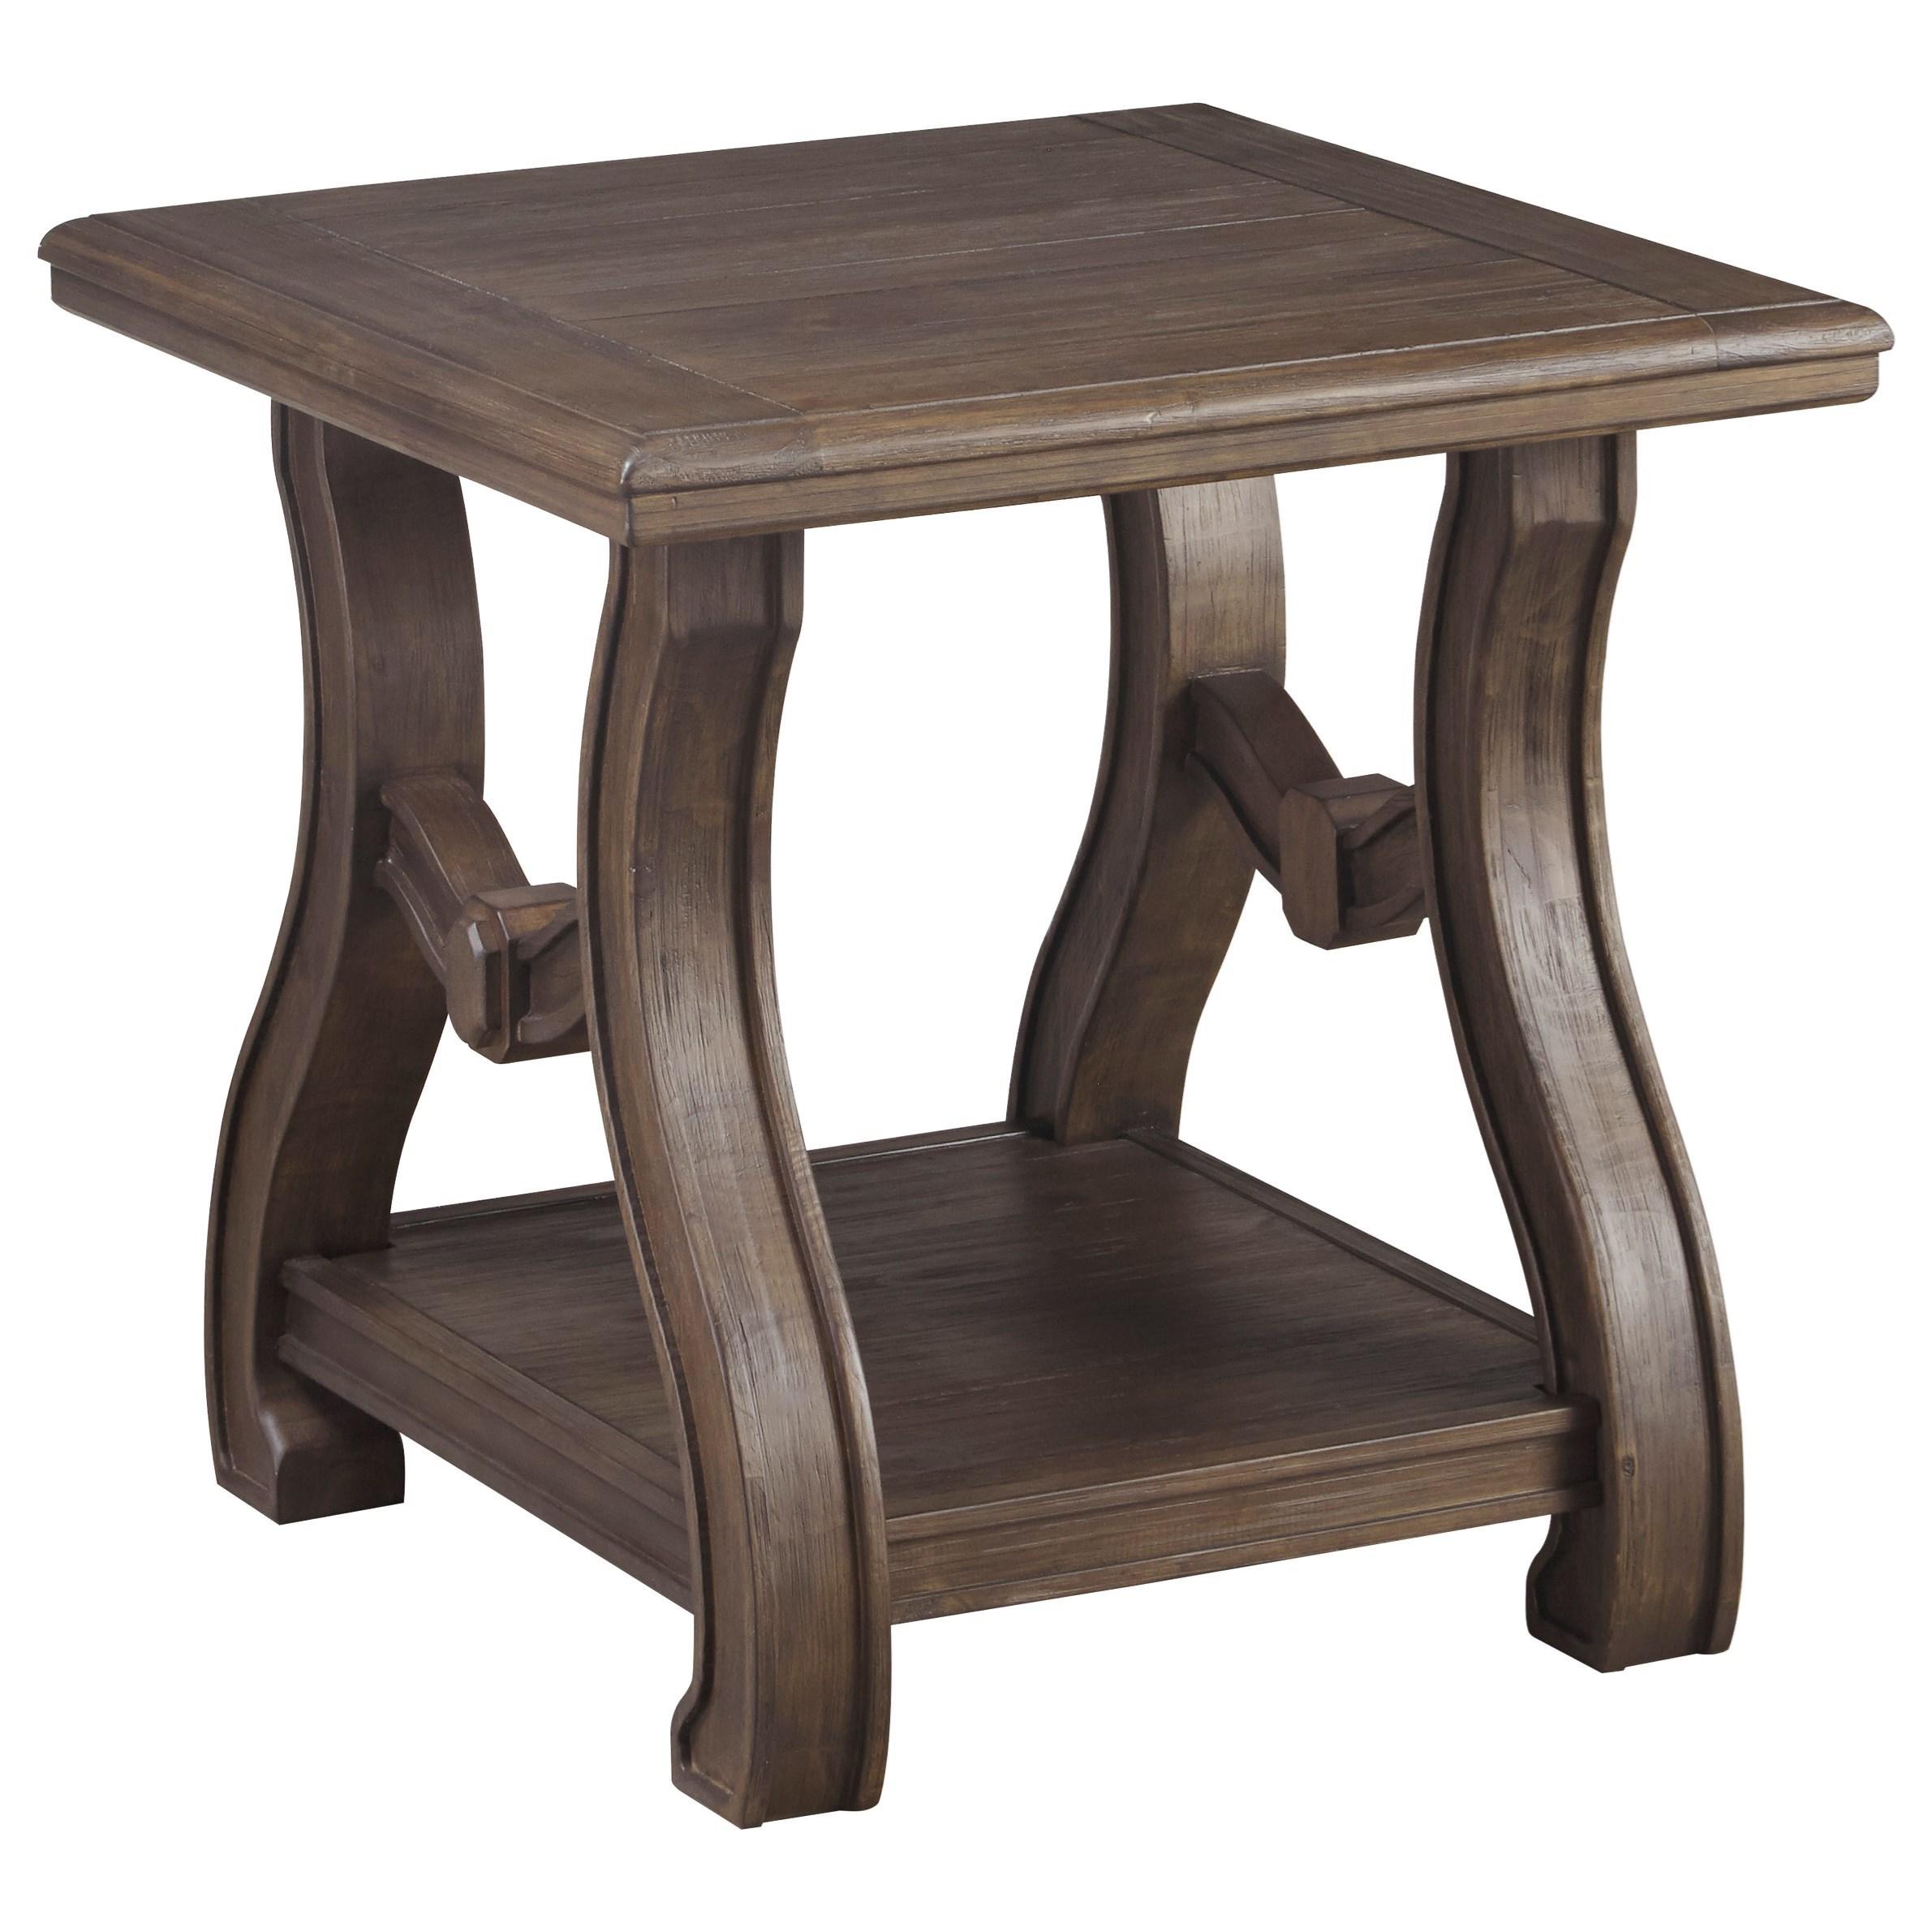 Signature Design TanobaySquare End Table ...